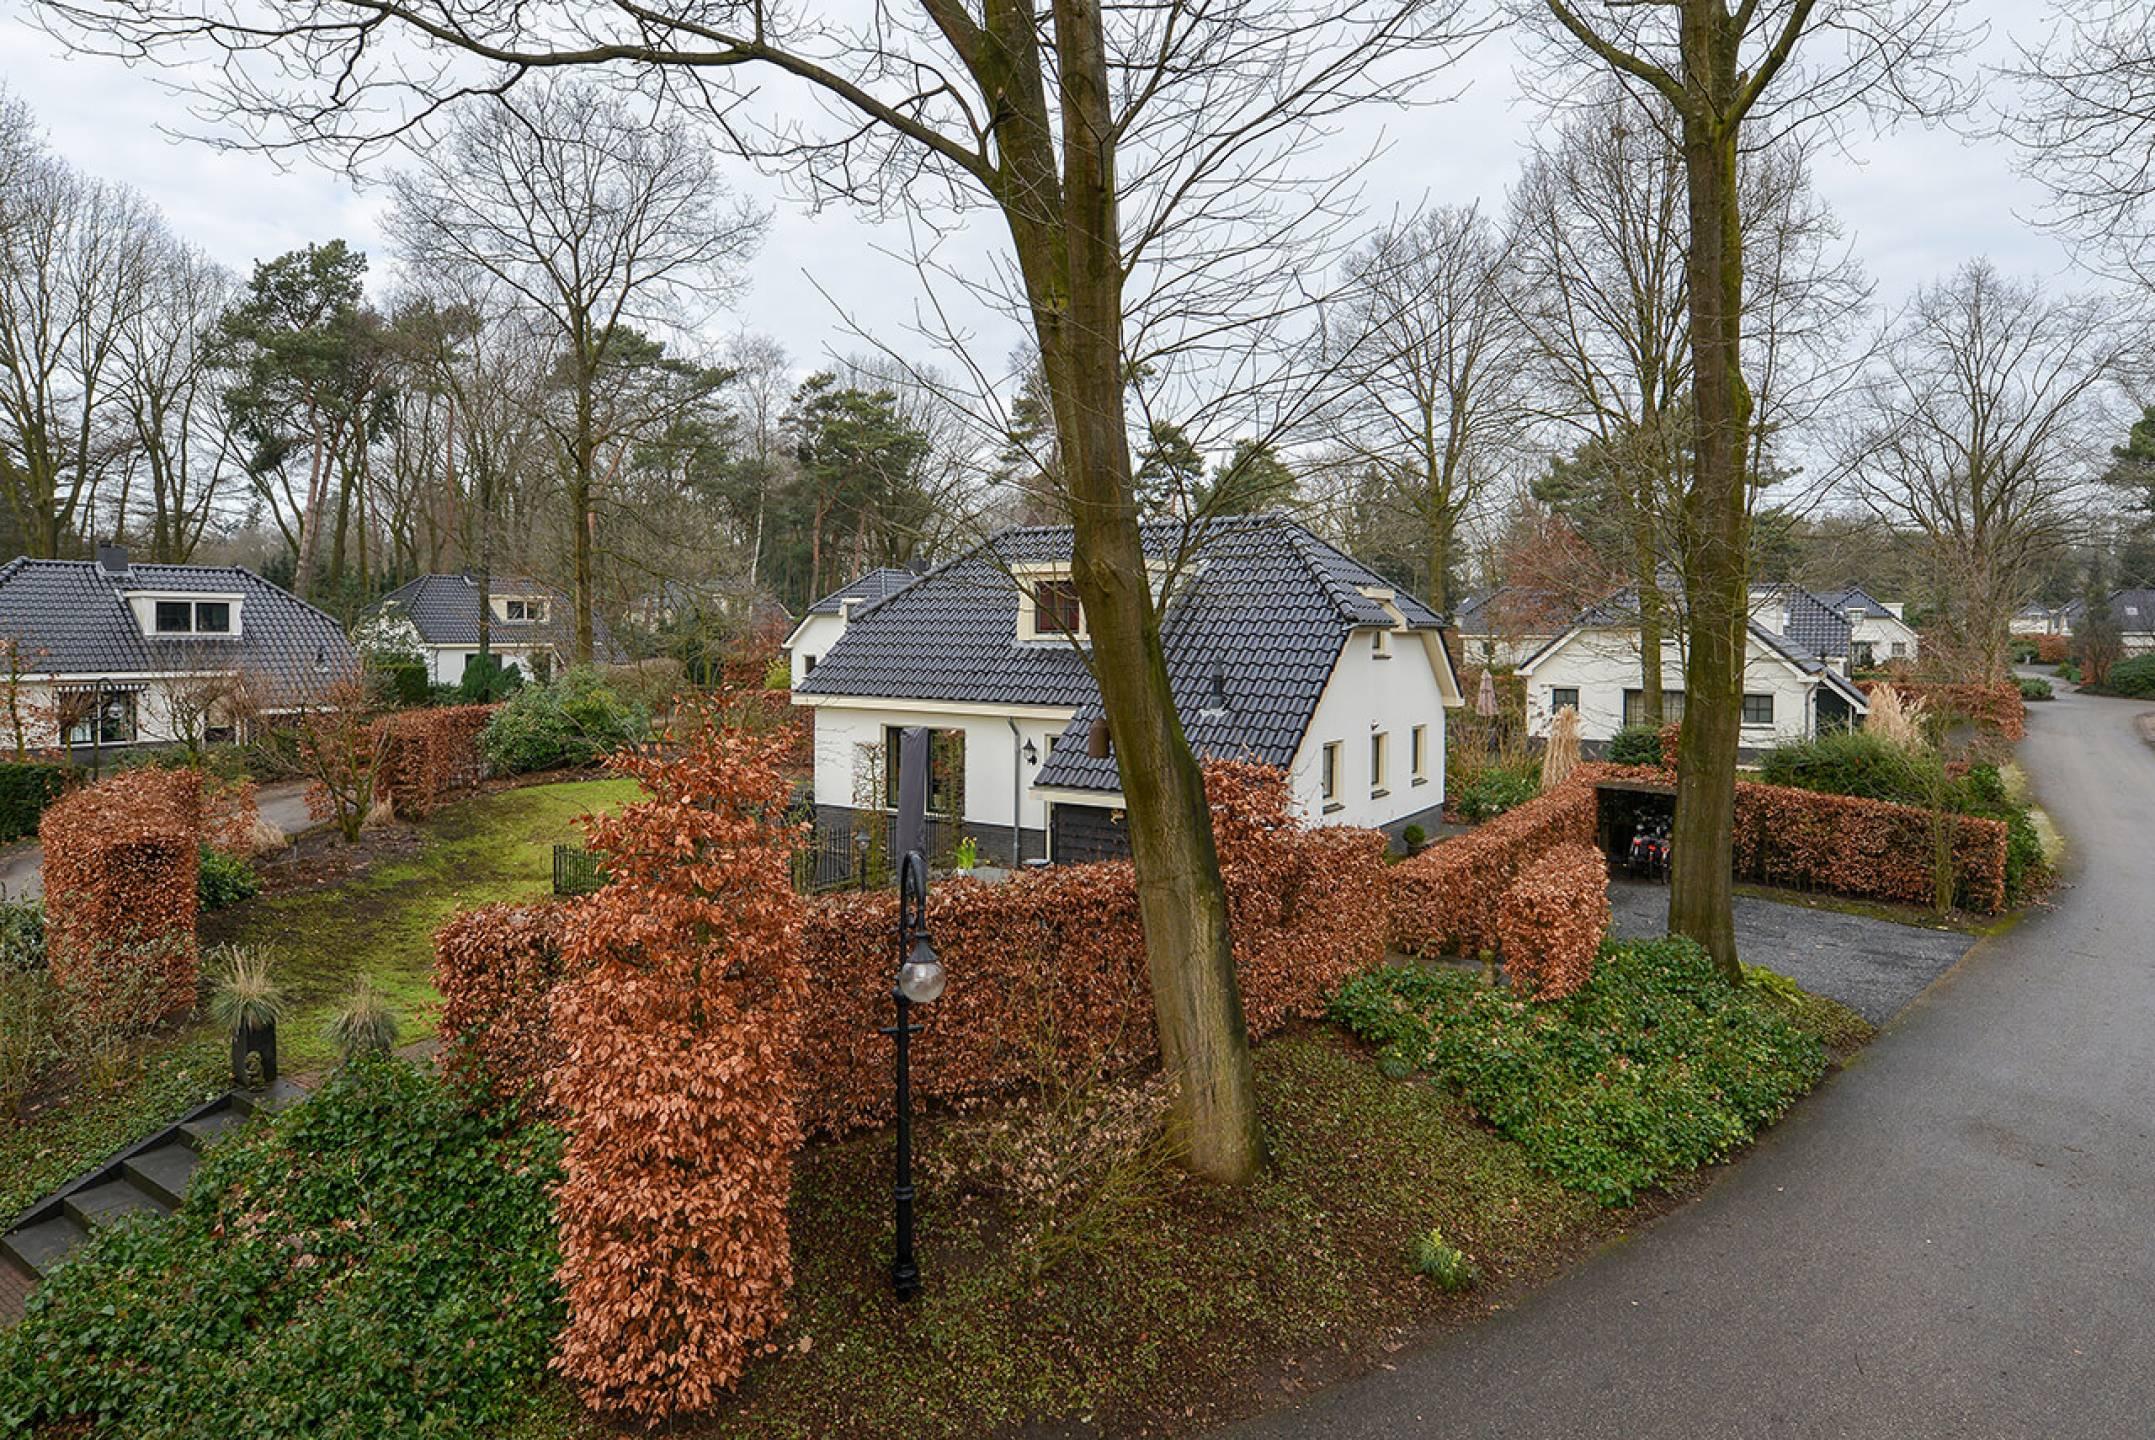 Villa - nr  37, Landgoed De Scheleberg - Vakantiemakelaar